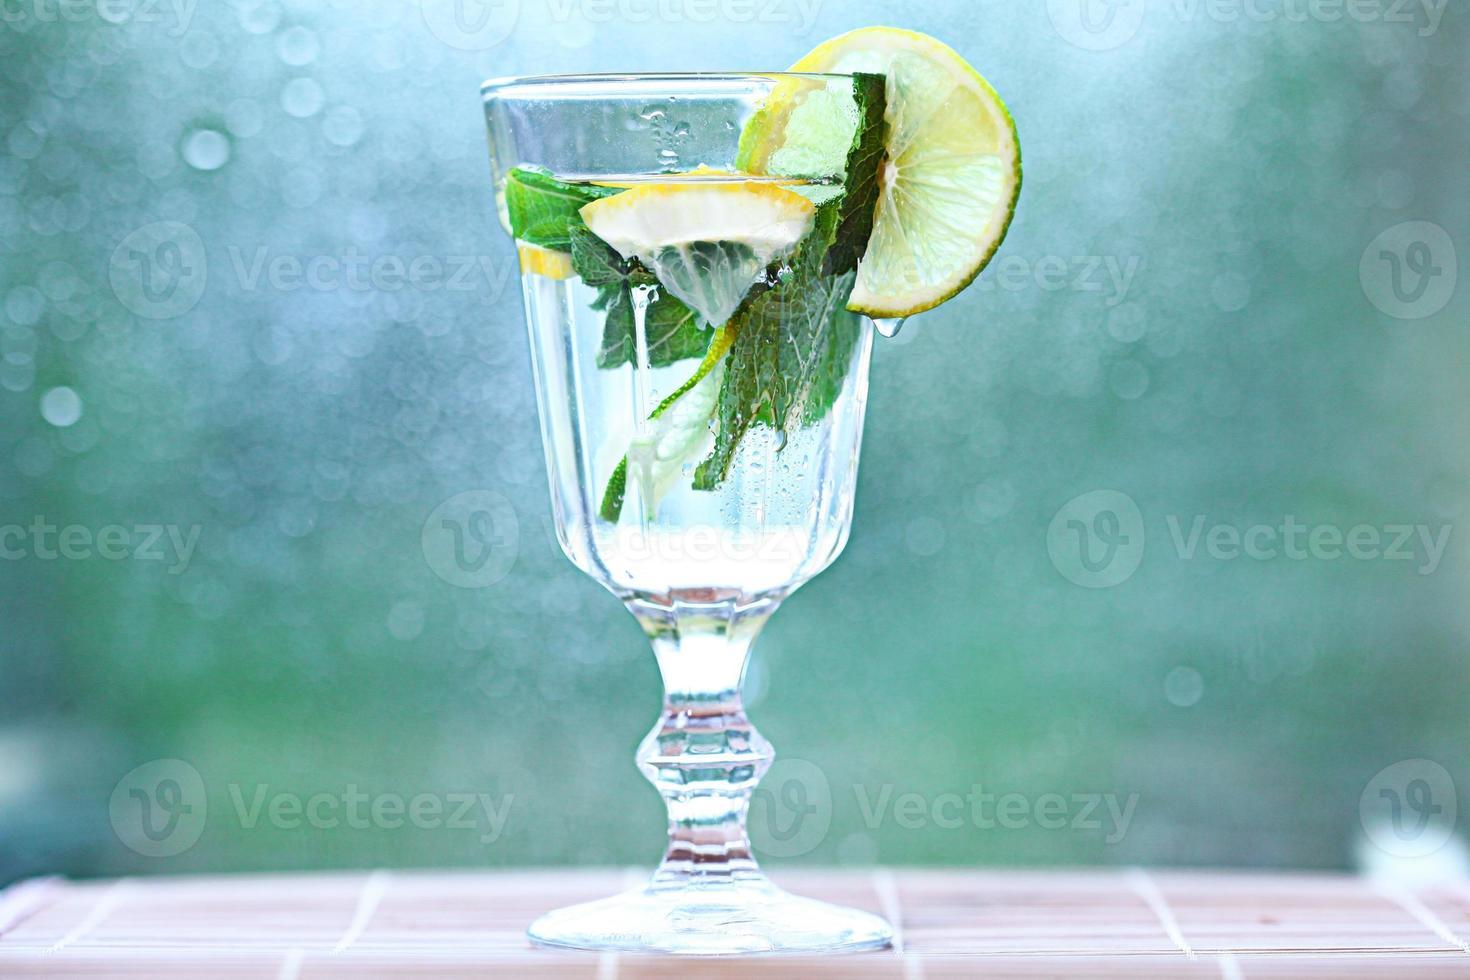 limonada caseira limão menta gelo em um copo foto